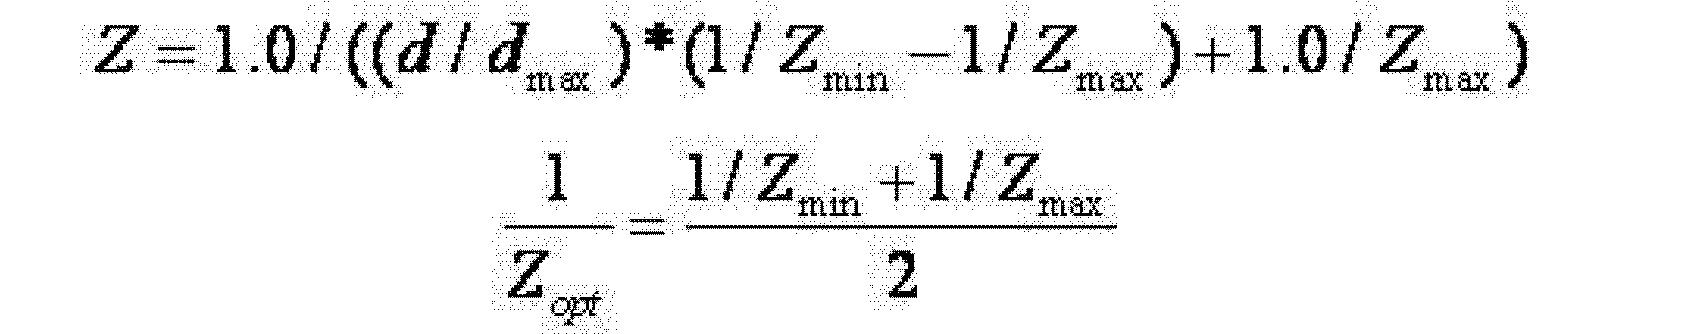 Figure CN101883291BC00033